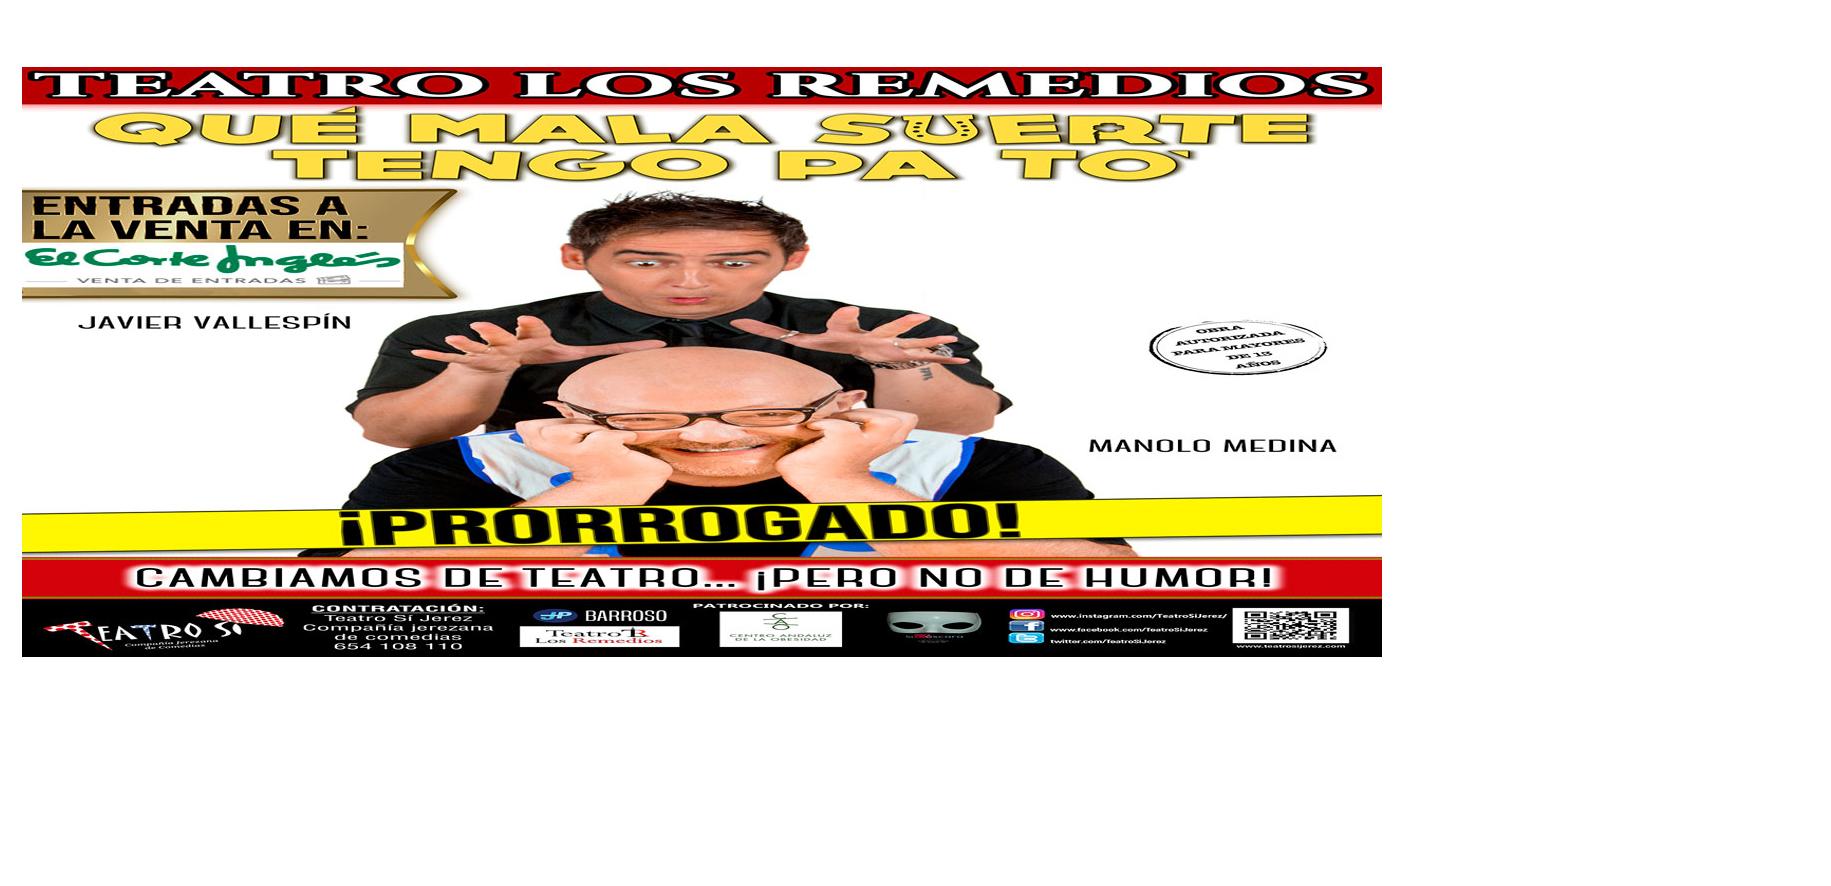 fb6b87acf9 Qué Mala Suerte Tengo Pa To! en Sevilla | Entradas El Corte Inglés